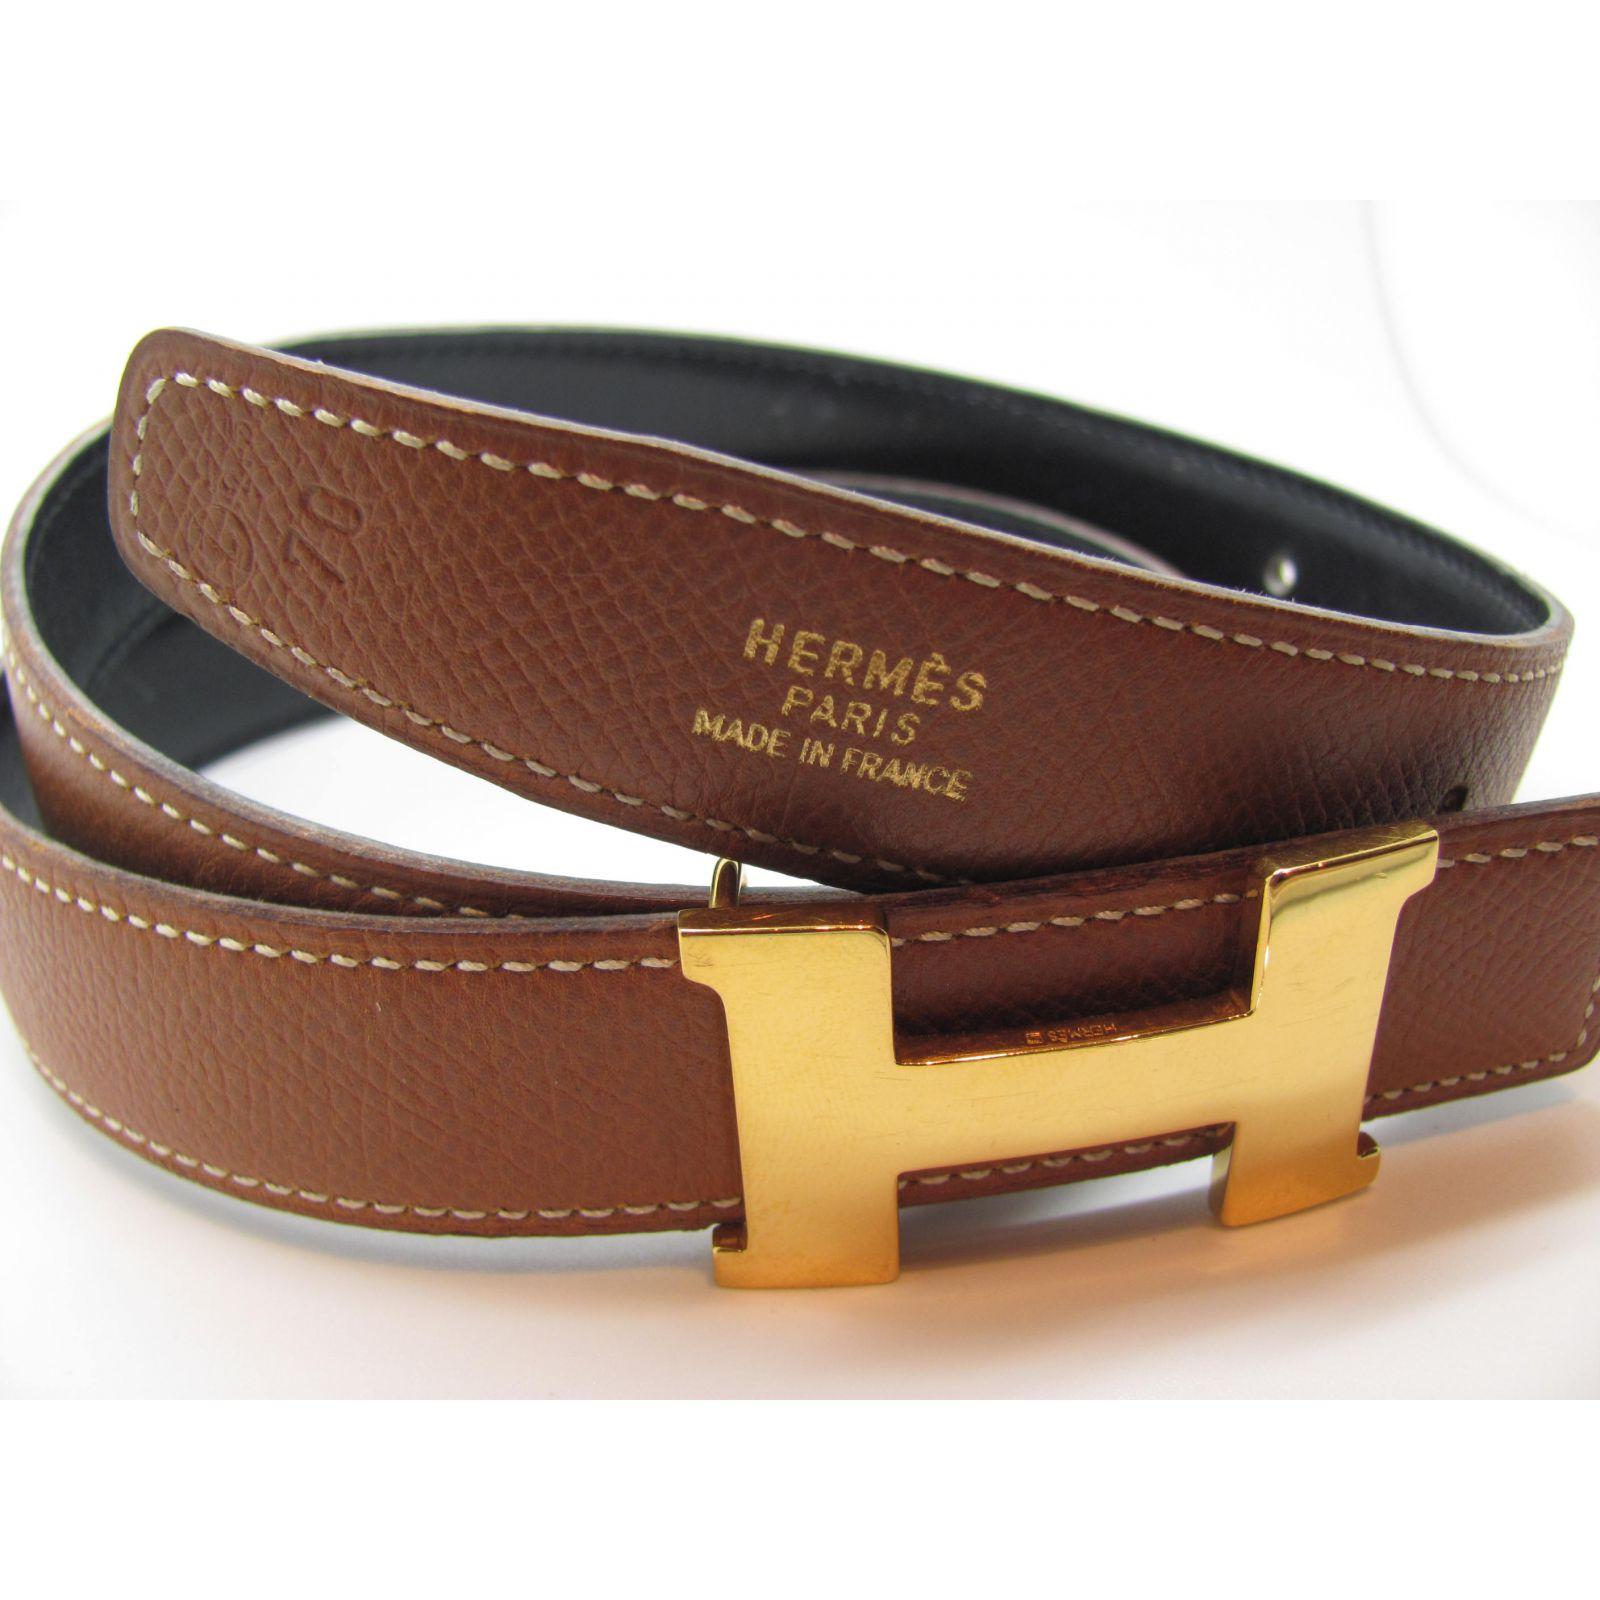 3c199ec31cc Ceinture Hermes homme prix   une ceinture de qualité idéale pour de grandes  occasions